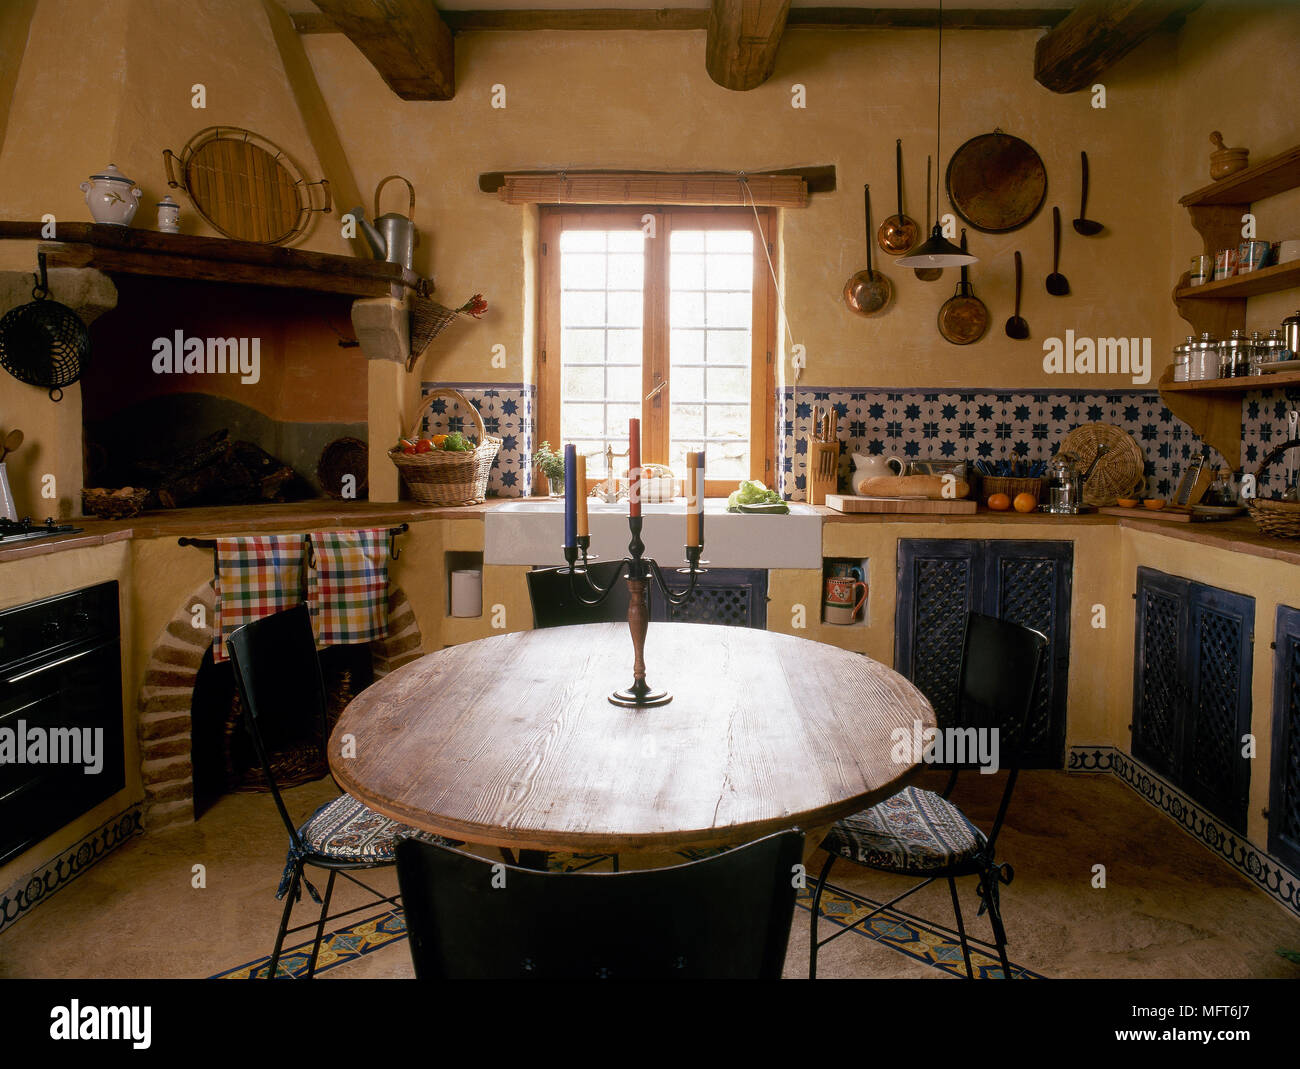 Rustico cucina abitabile con tavolo rotondo e sedie il soffitto a